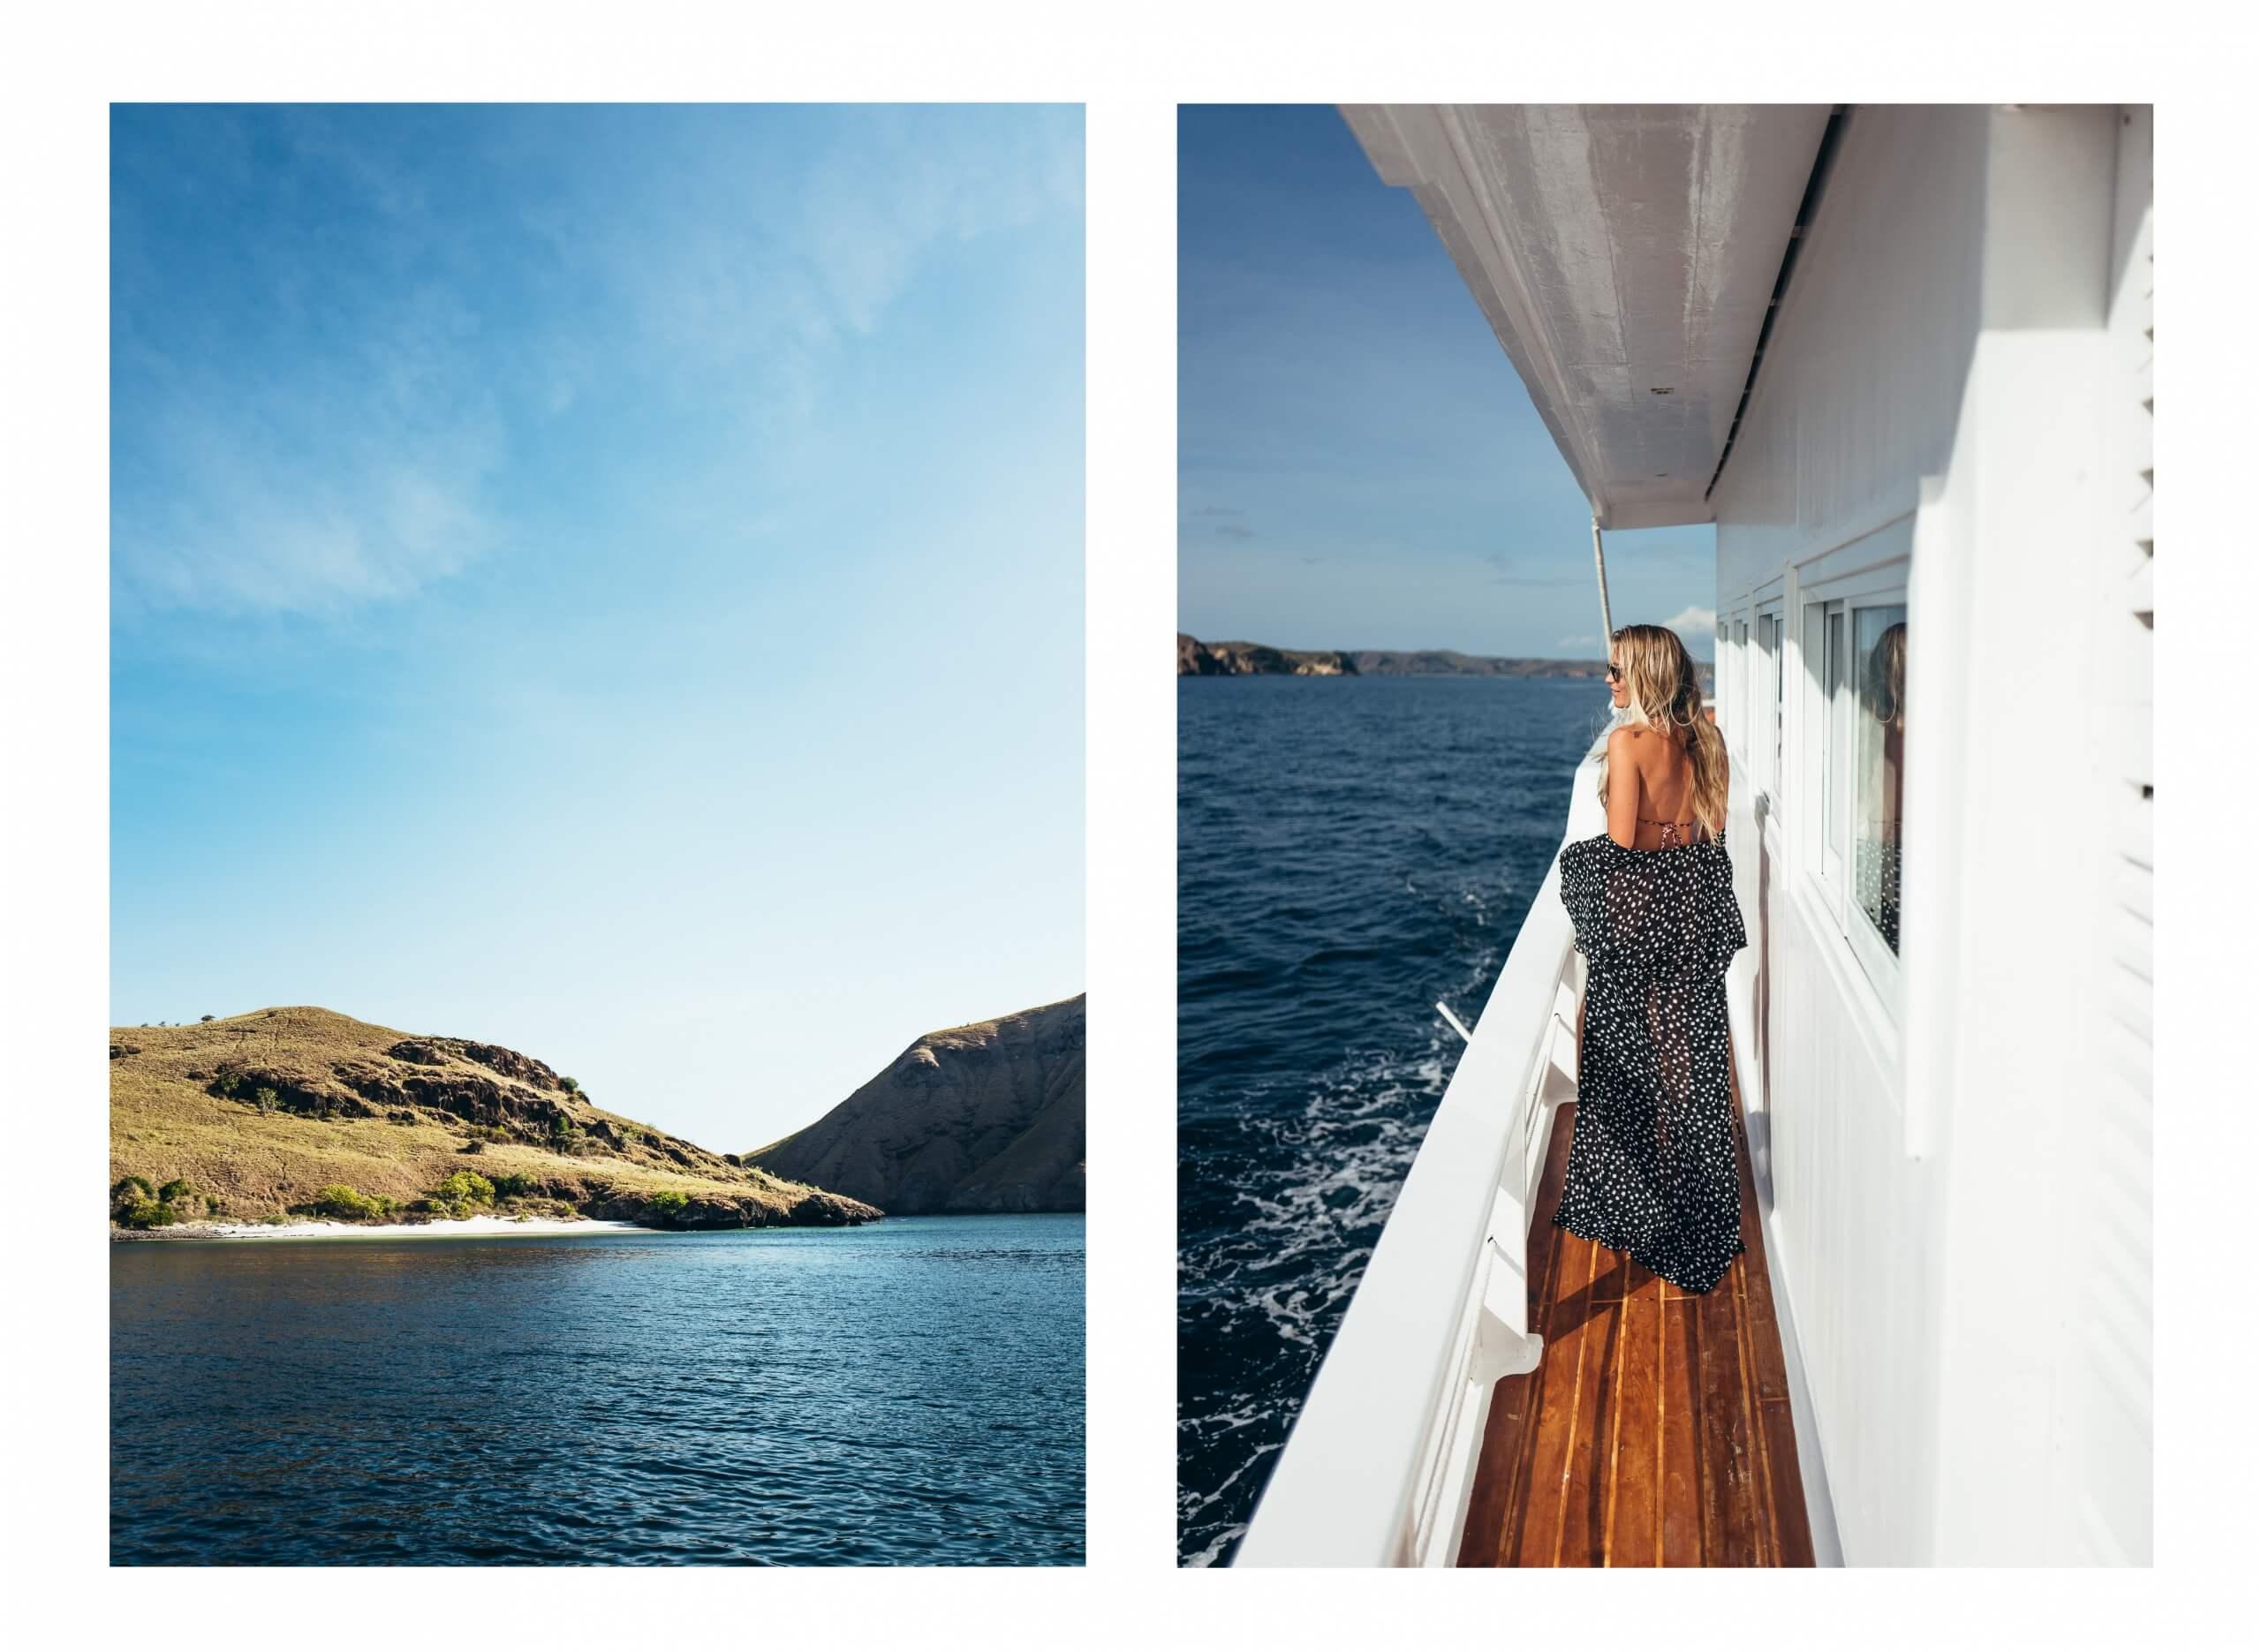 janni-deler-boat-komodo-islandsl1020238-copy